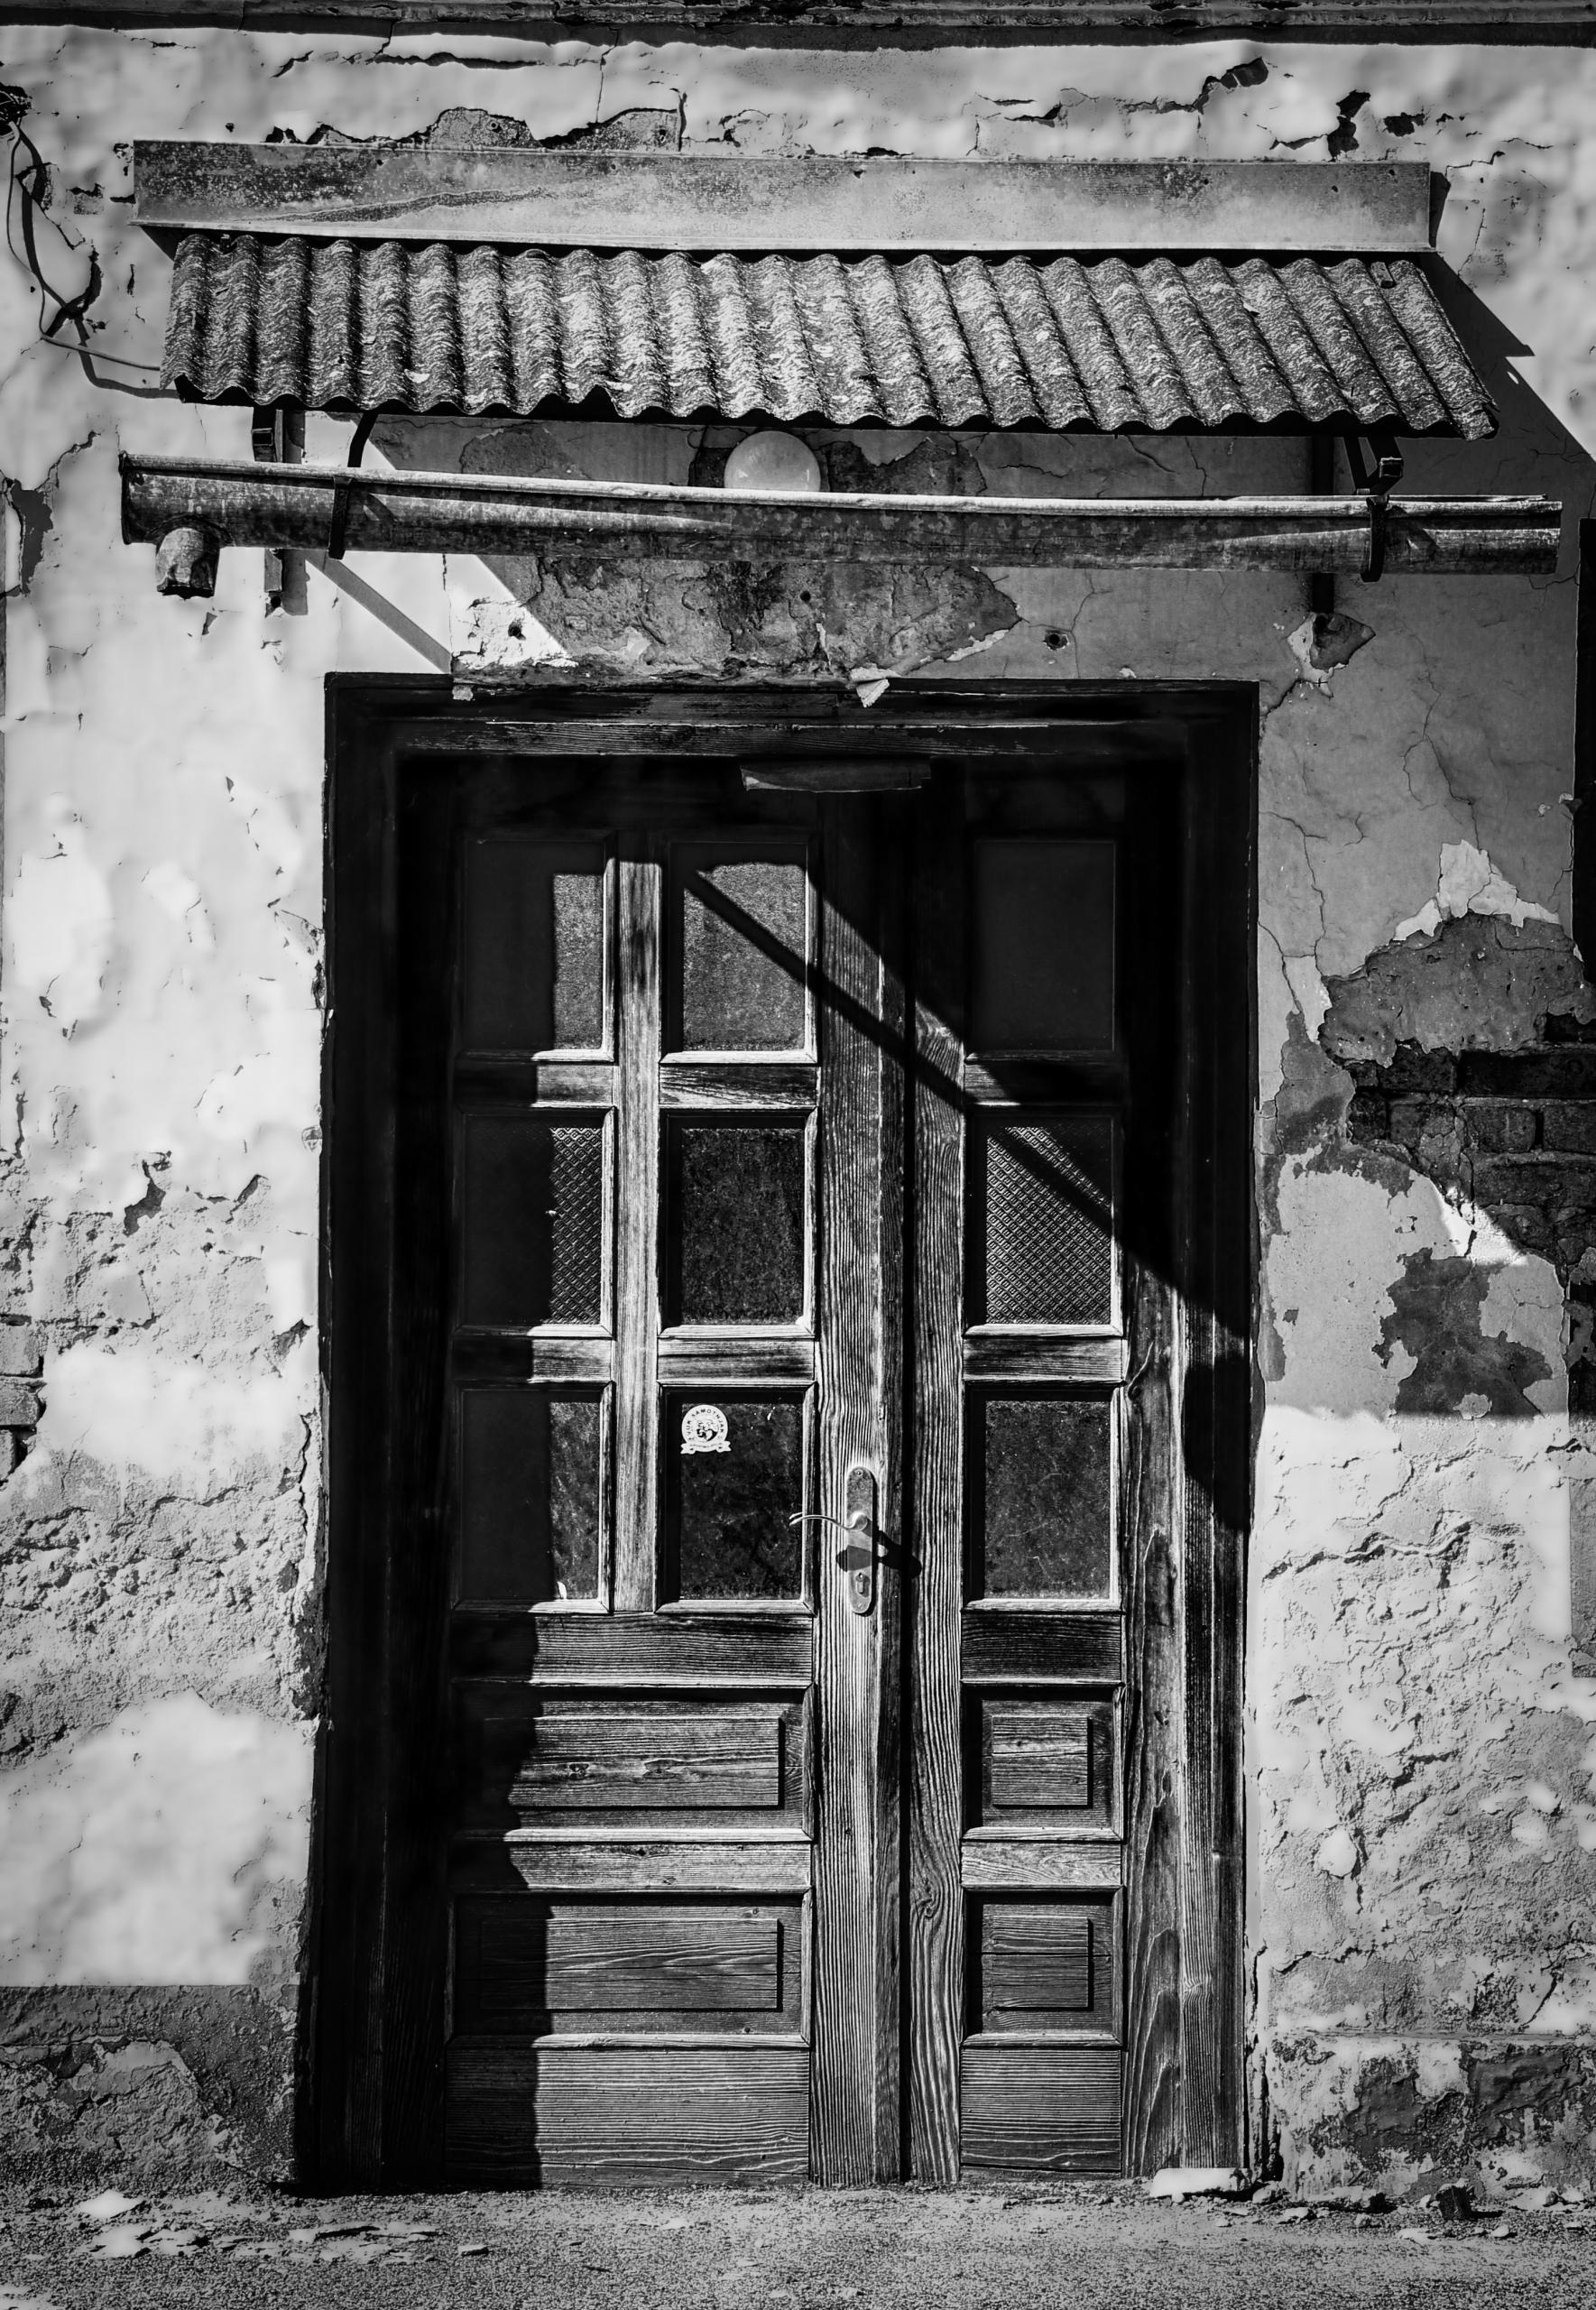 Erica Fijan, Doorway To The Past, 2015